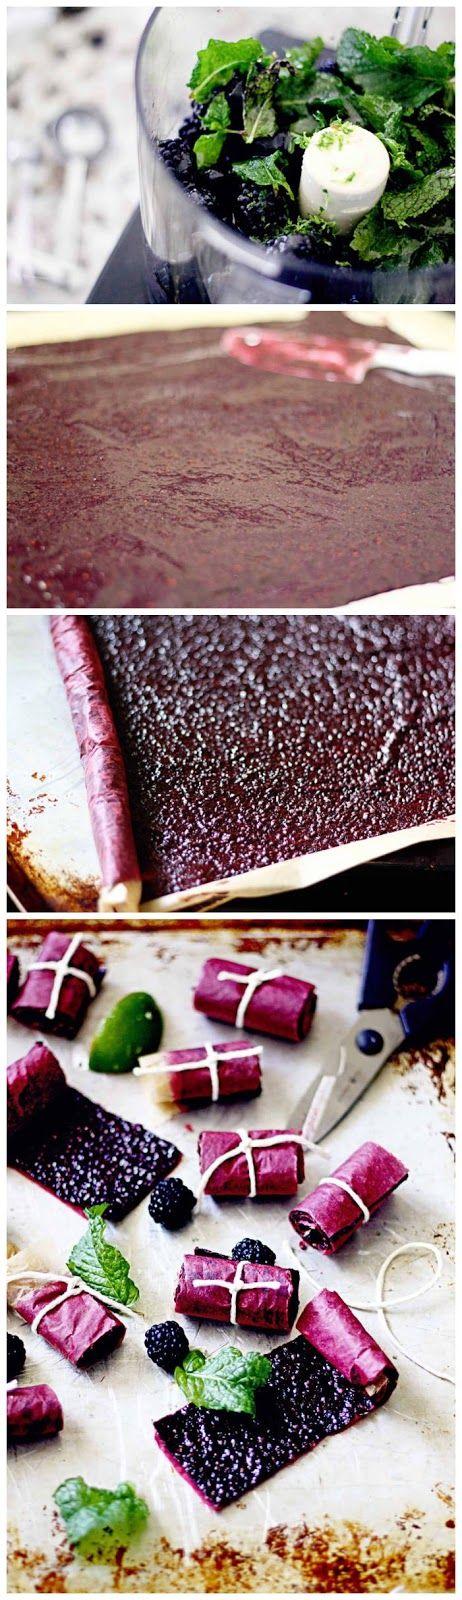 joysama images: Blackberry Mint Lime Fruit Leather